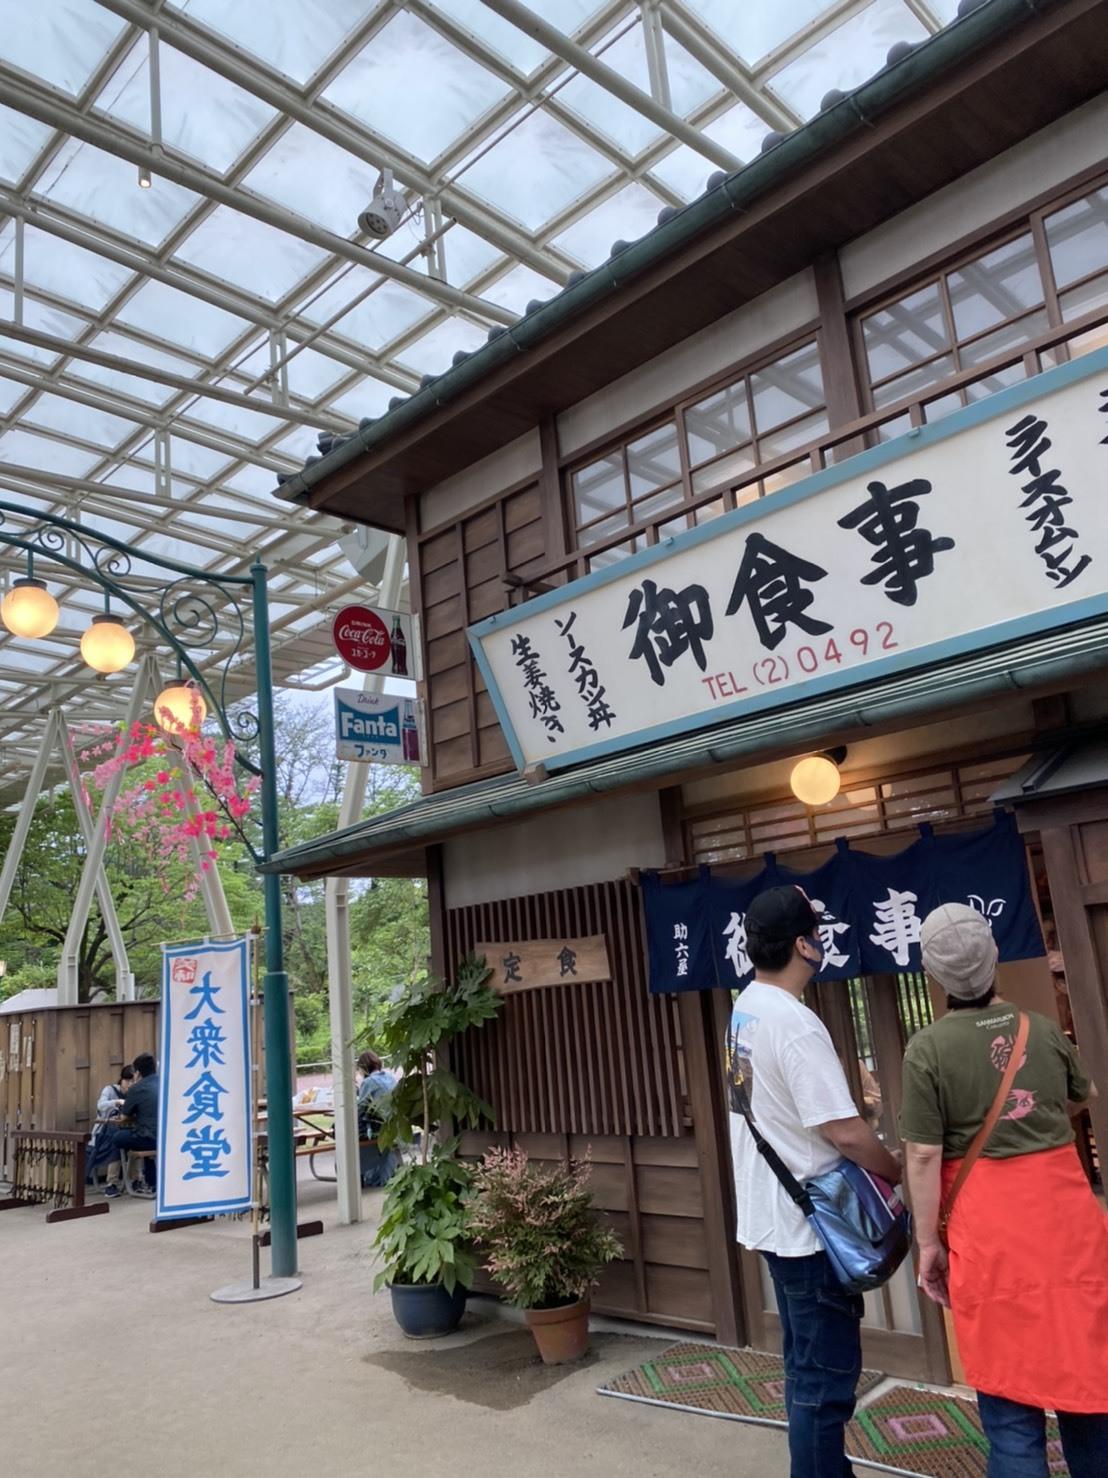 昭和の街並み_a0163623_01304195.jpg